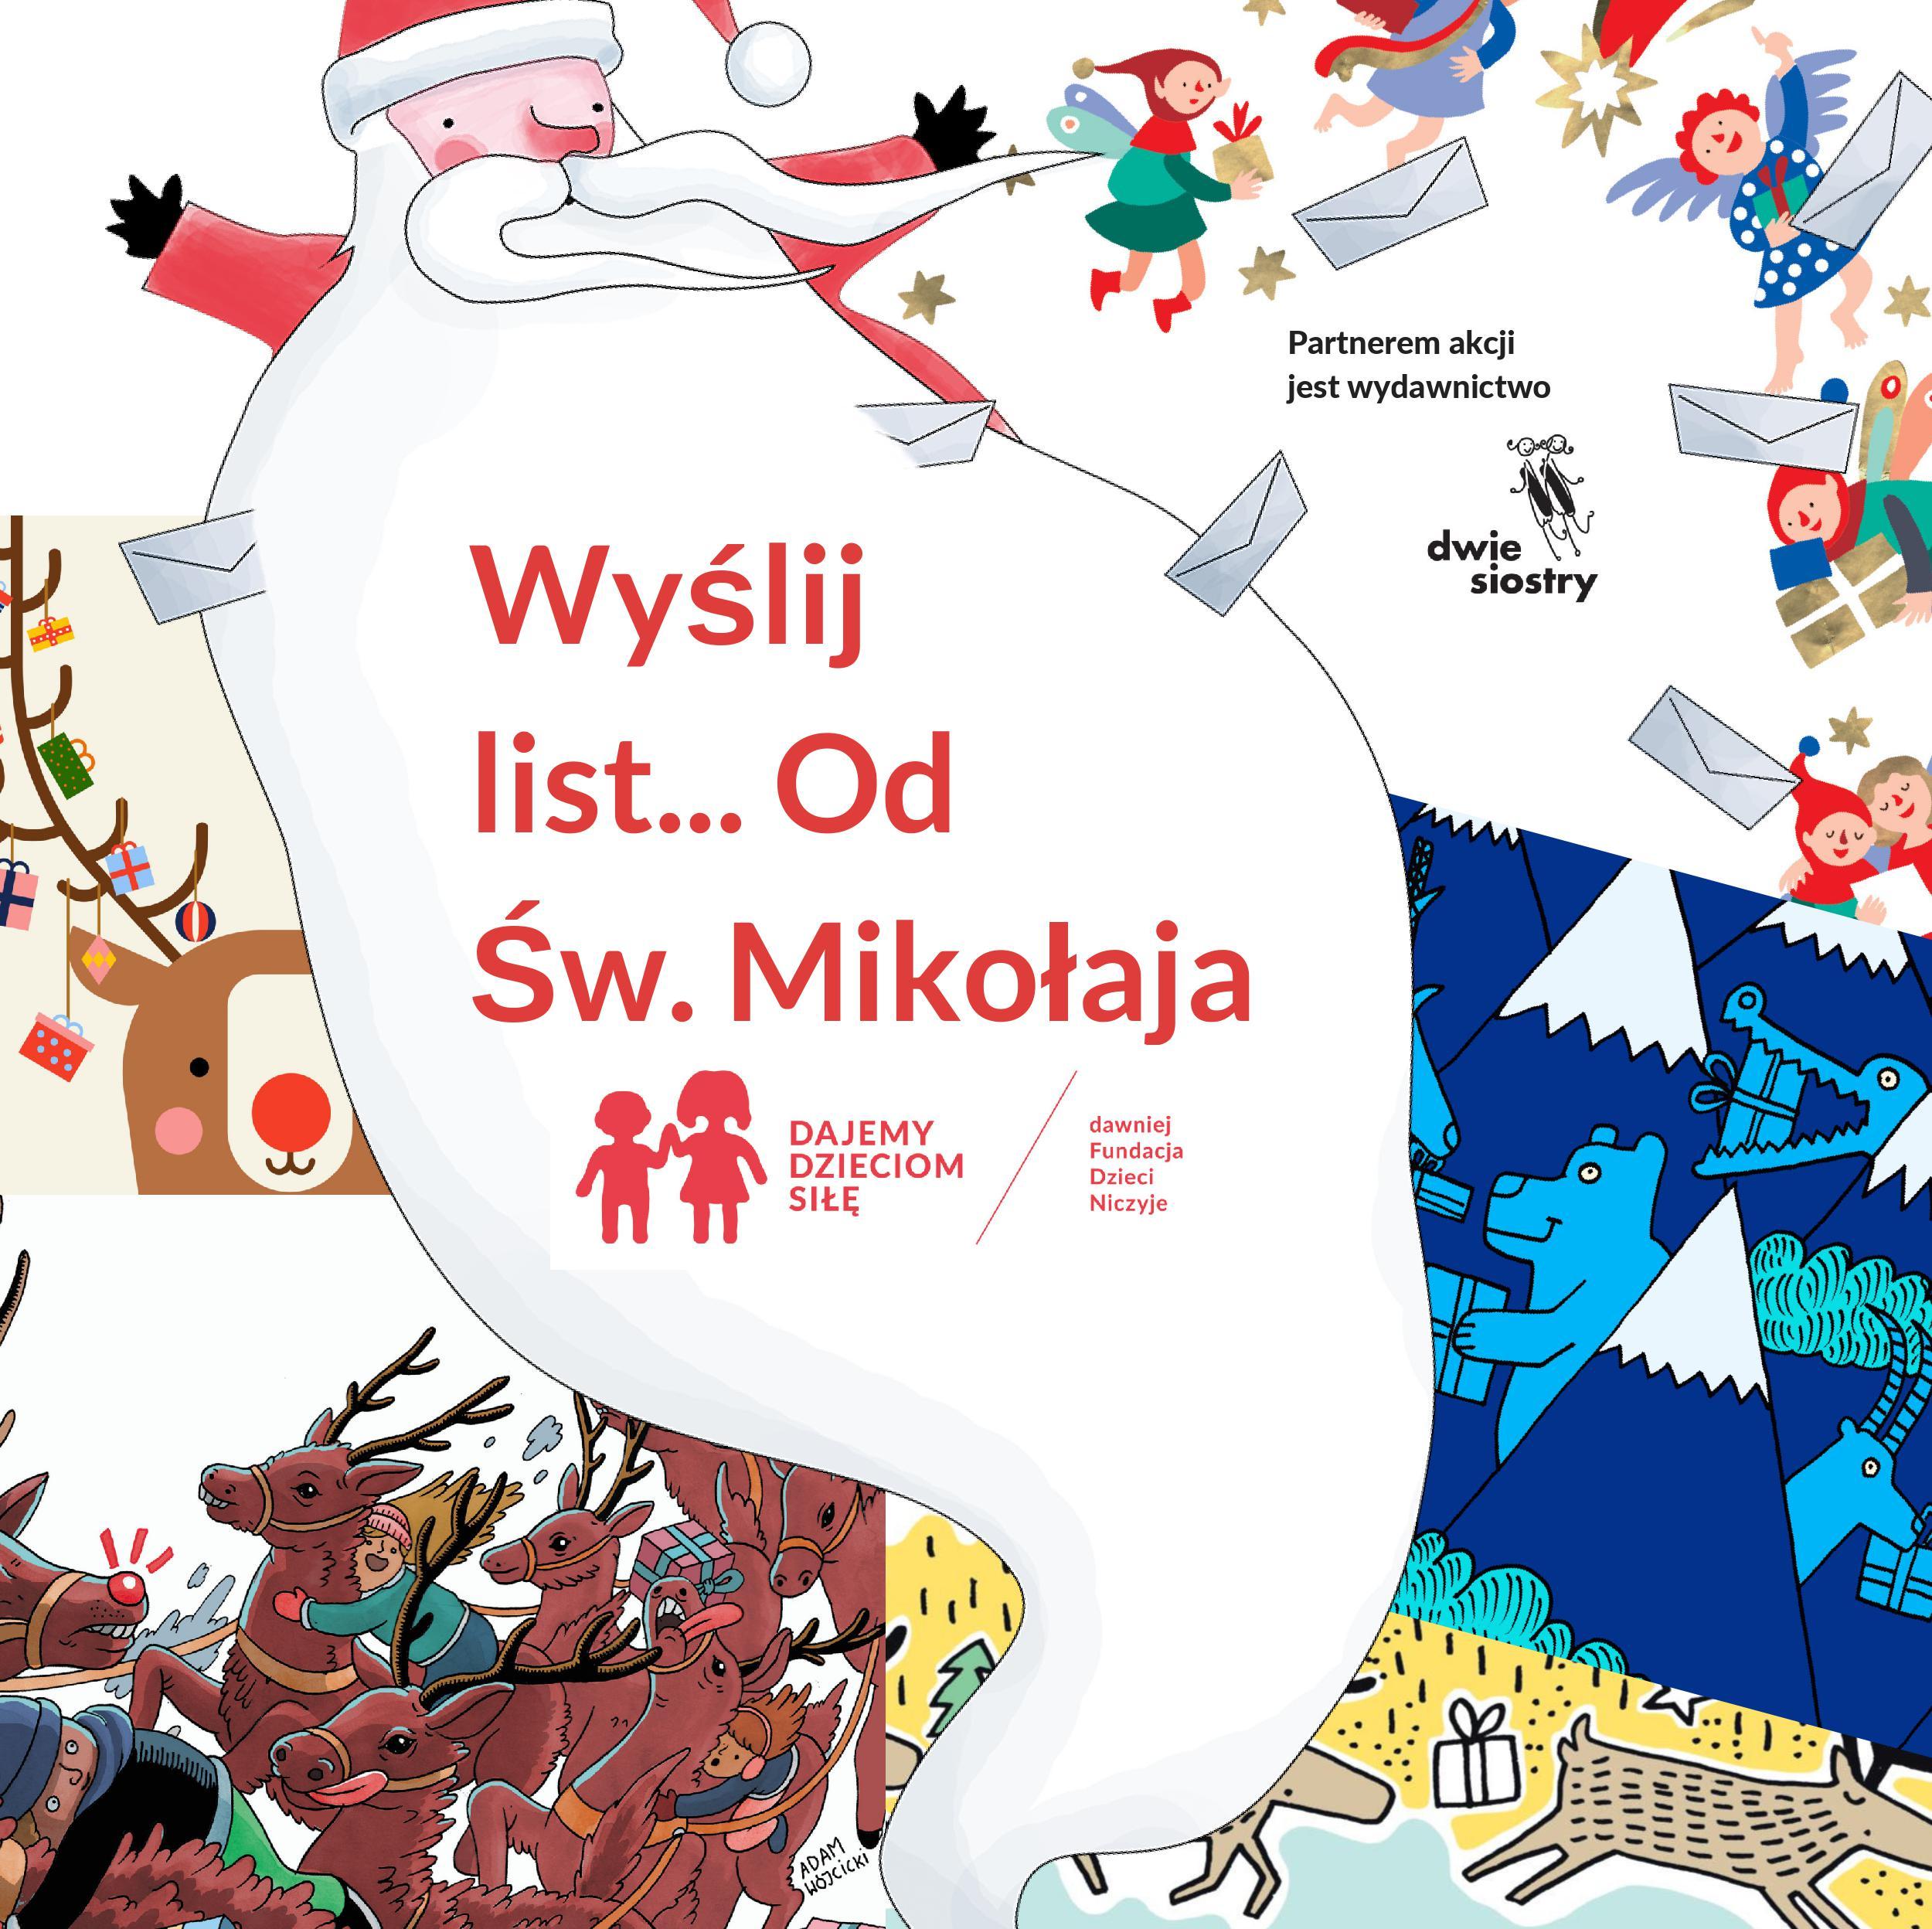 grafiki_ilustratorzy_wyslij-list_od-sw-mikolaja_kolaz